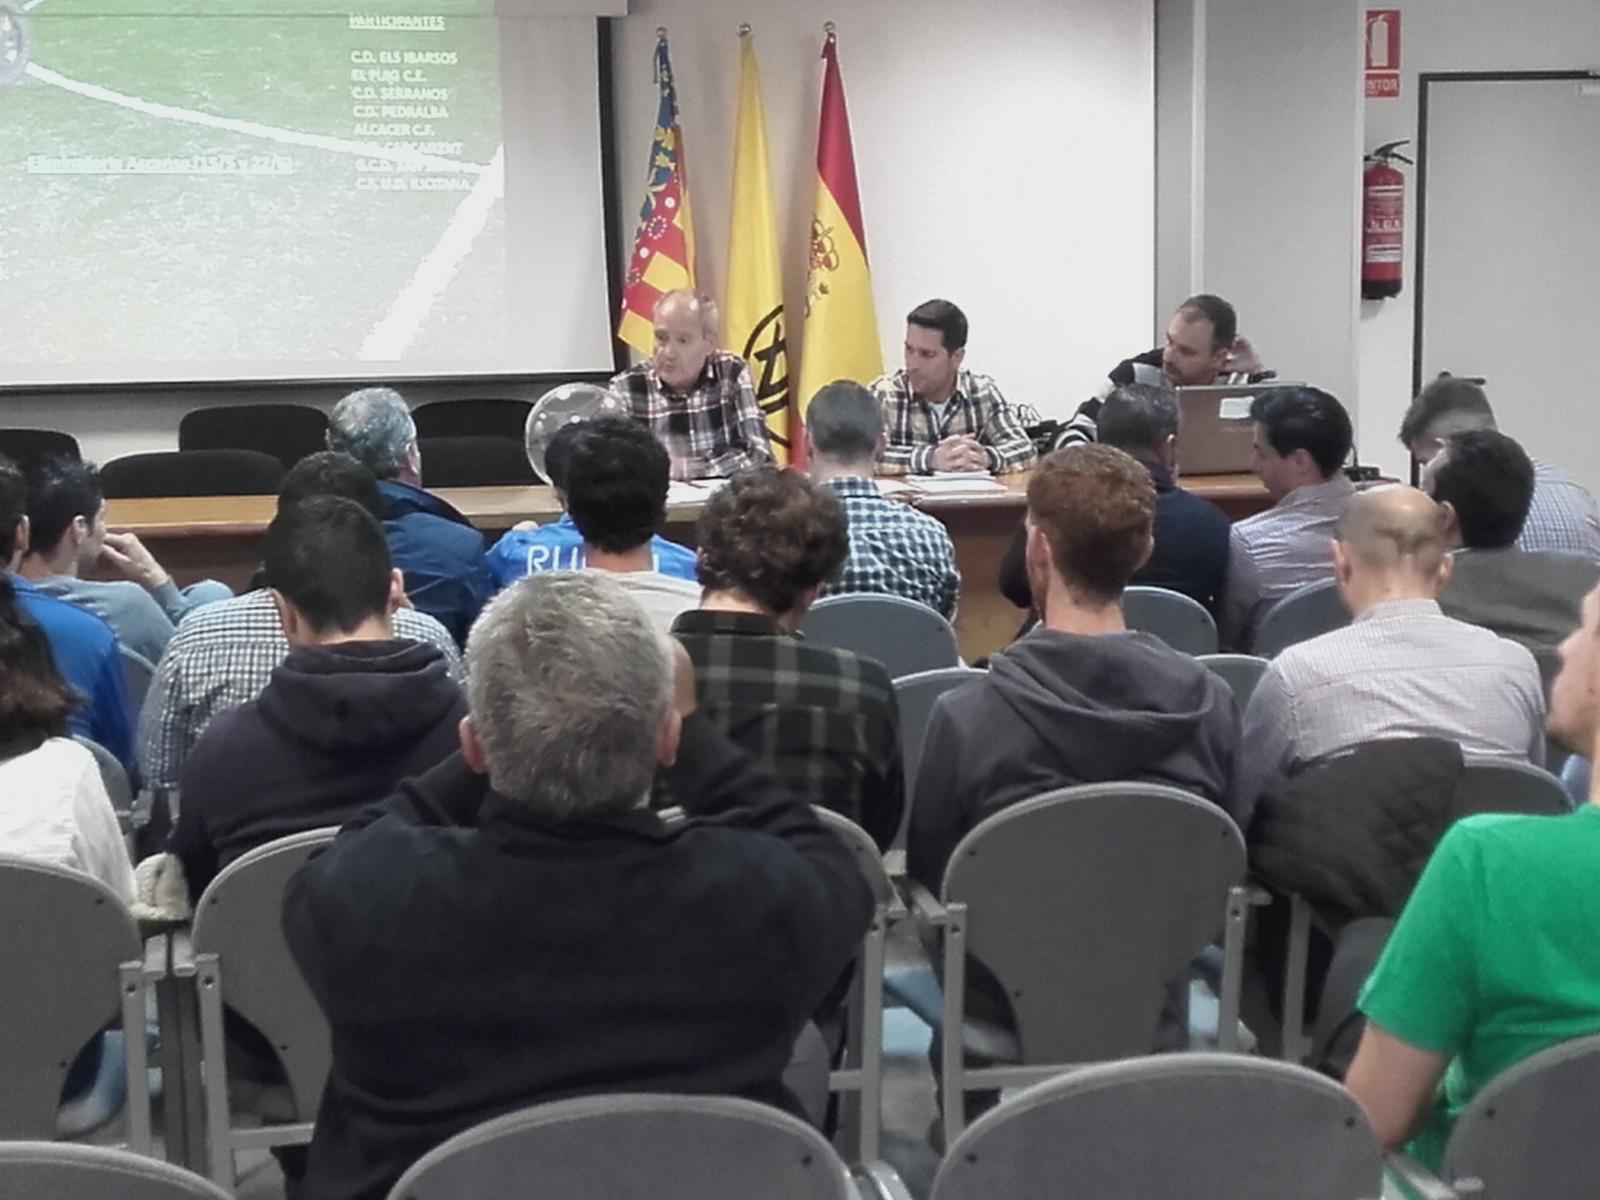 Tablas salariales convenio hosteleria valencia 2016 for Convenio colectivo oficinas y despachos pontevedra